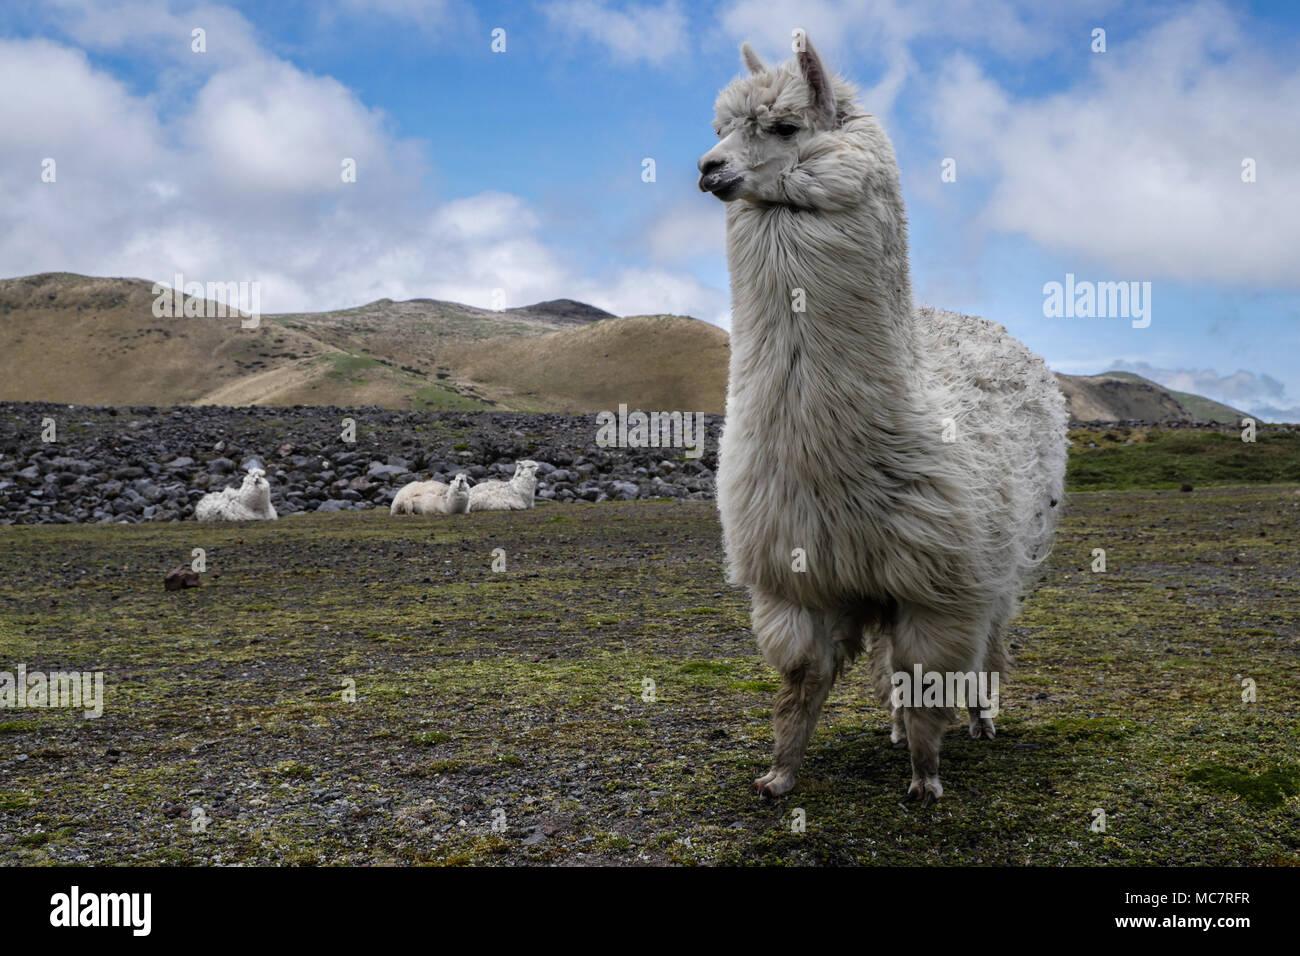 Alpachas on Antisana Mountain, Ecuador - Stock Image